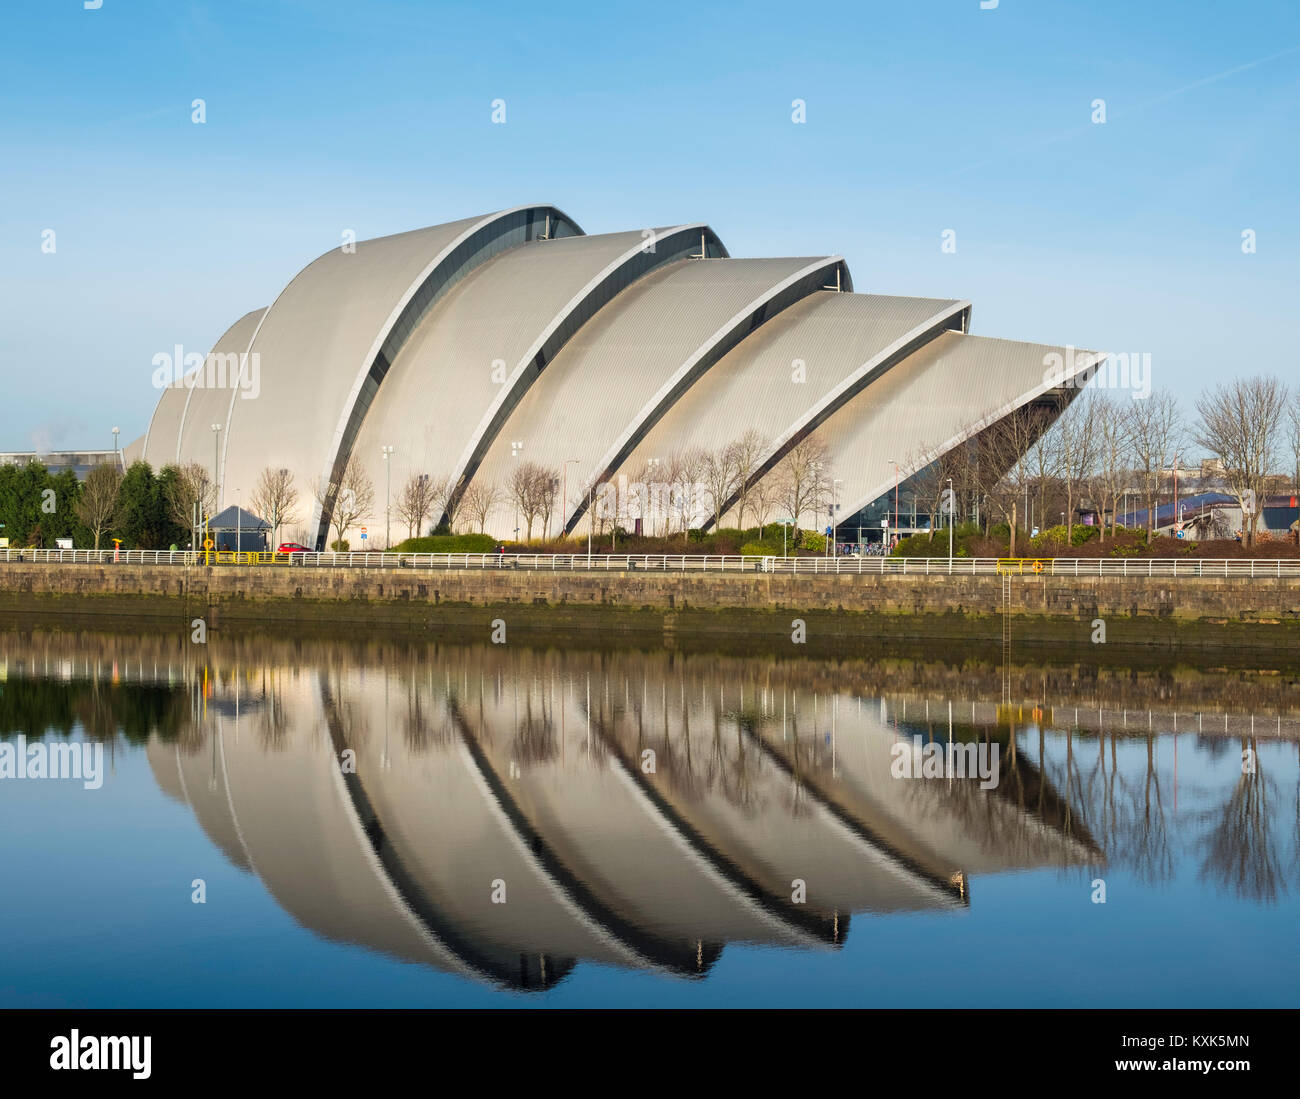 Avis de SEC à côté du centre d'Armadillo Clyde à Glasgow , Royaume-Uni Photo Stock